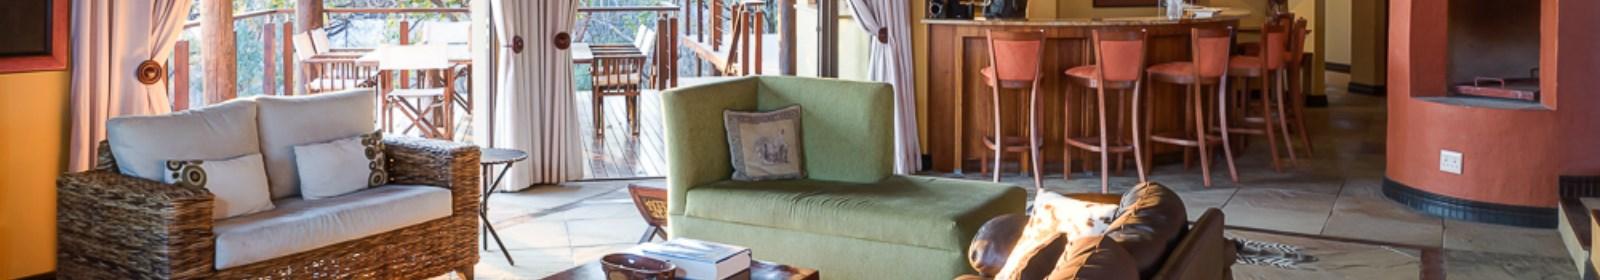 Golf star, Retief Goosen's home is on the market